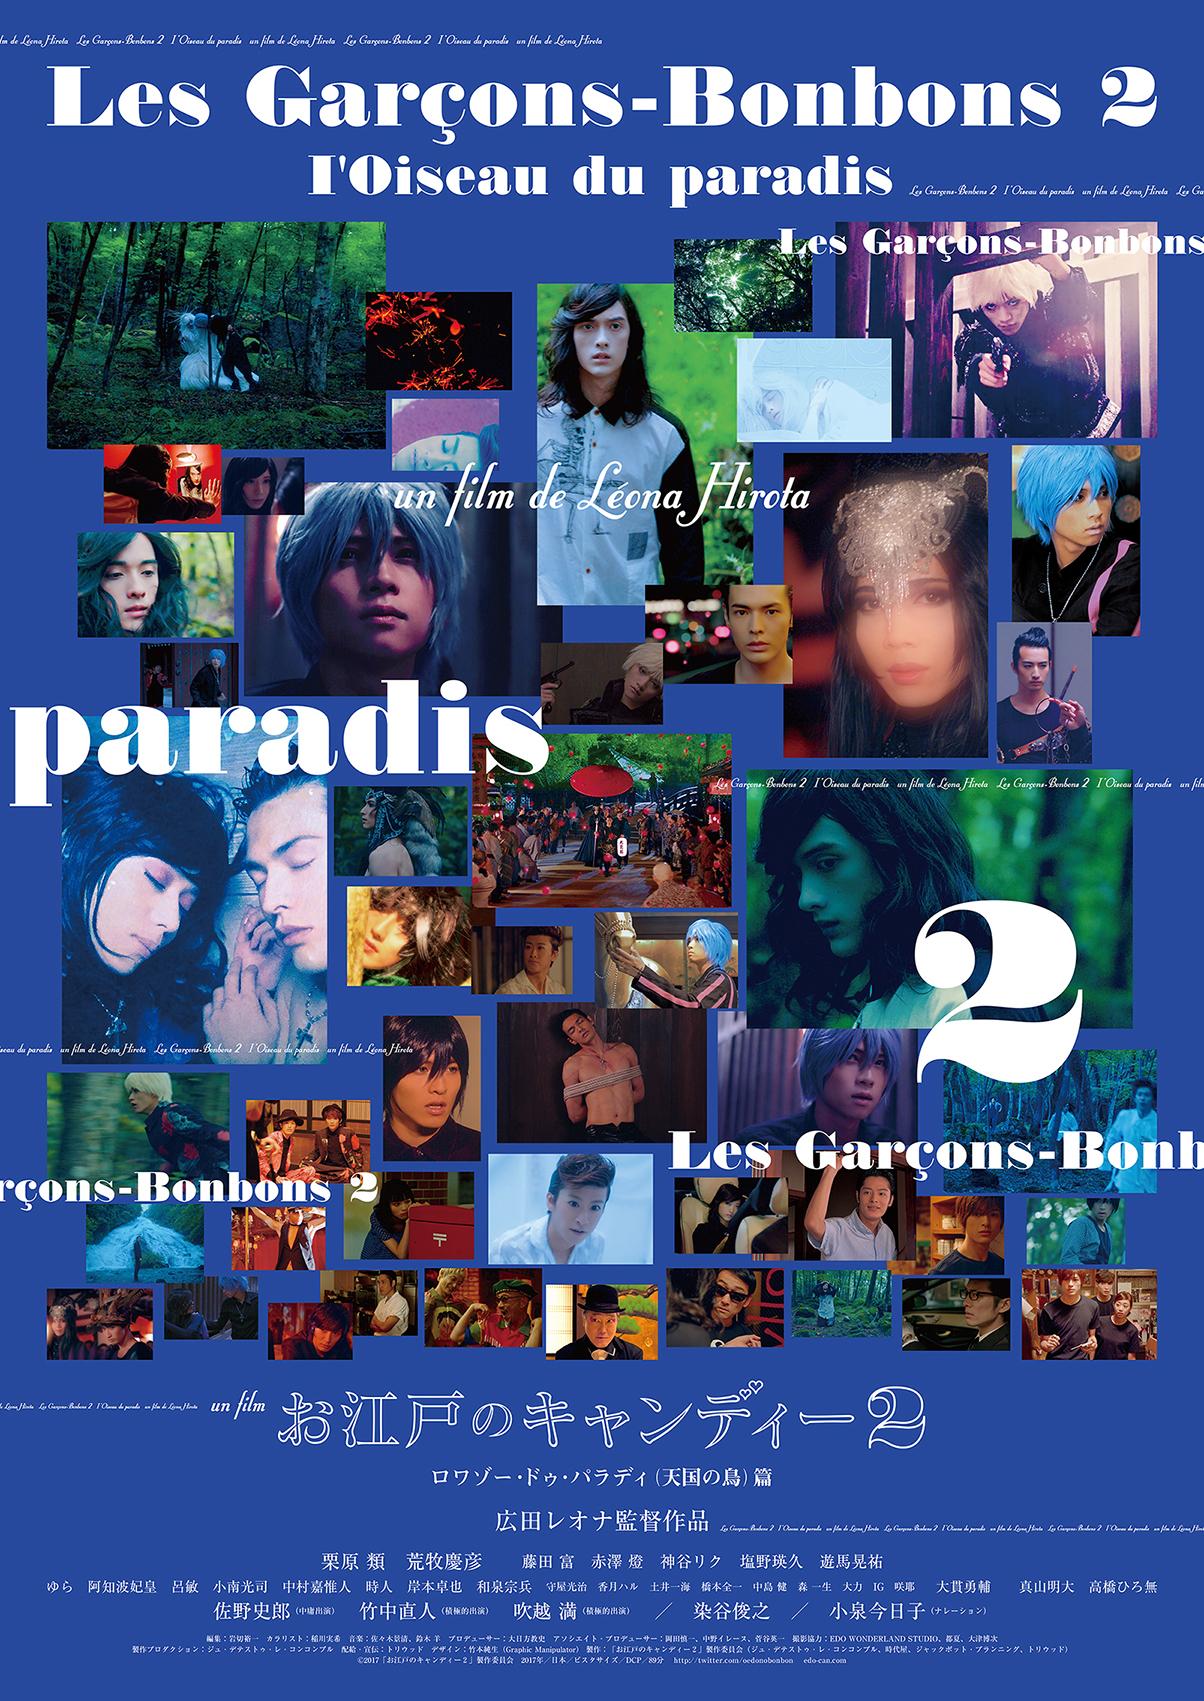 映画『お江戸のキャンディー2』ロワゾー・ドゥ・パラディ(天国の鳥)篇DVD発売記念イベント